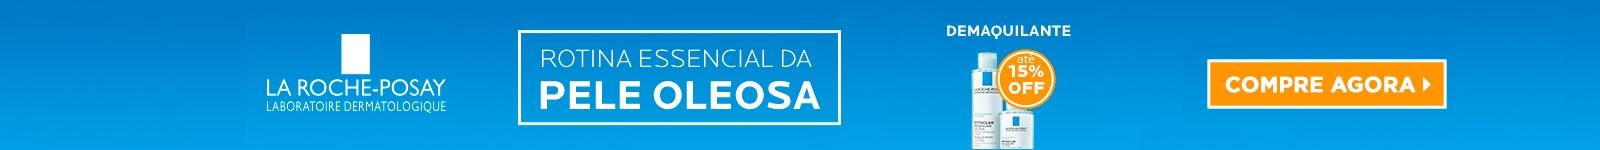 loreal_dca